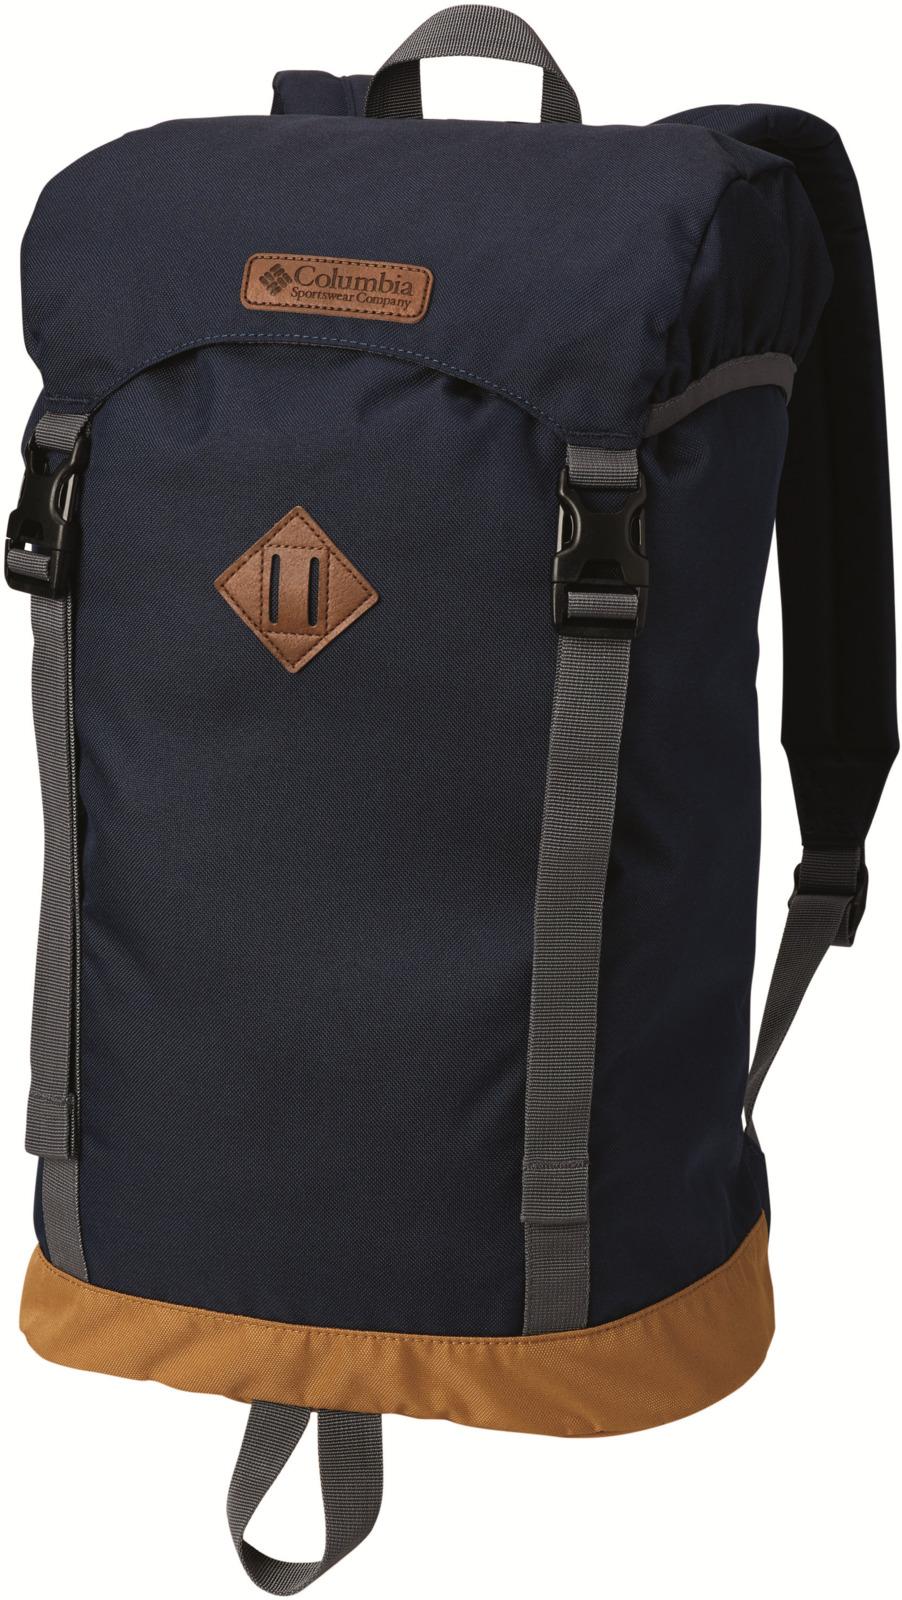 Рюкзак Columbia Classic Outdoor 25L Daypack, 1719891-464, темно-синий цена и фото